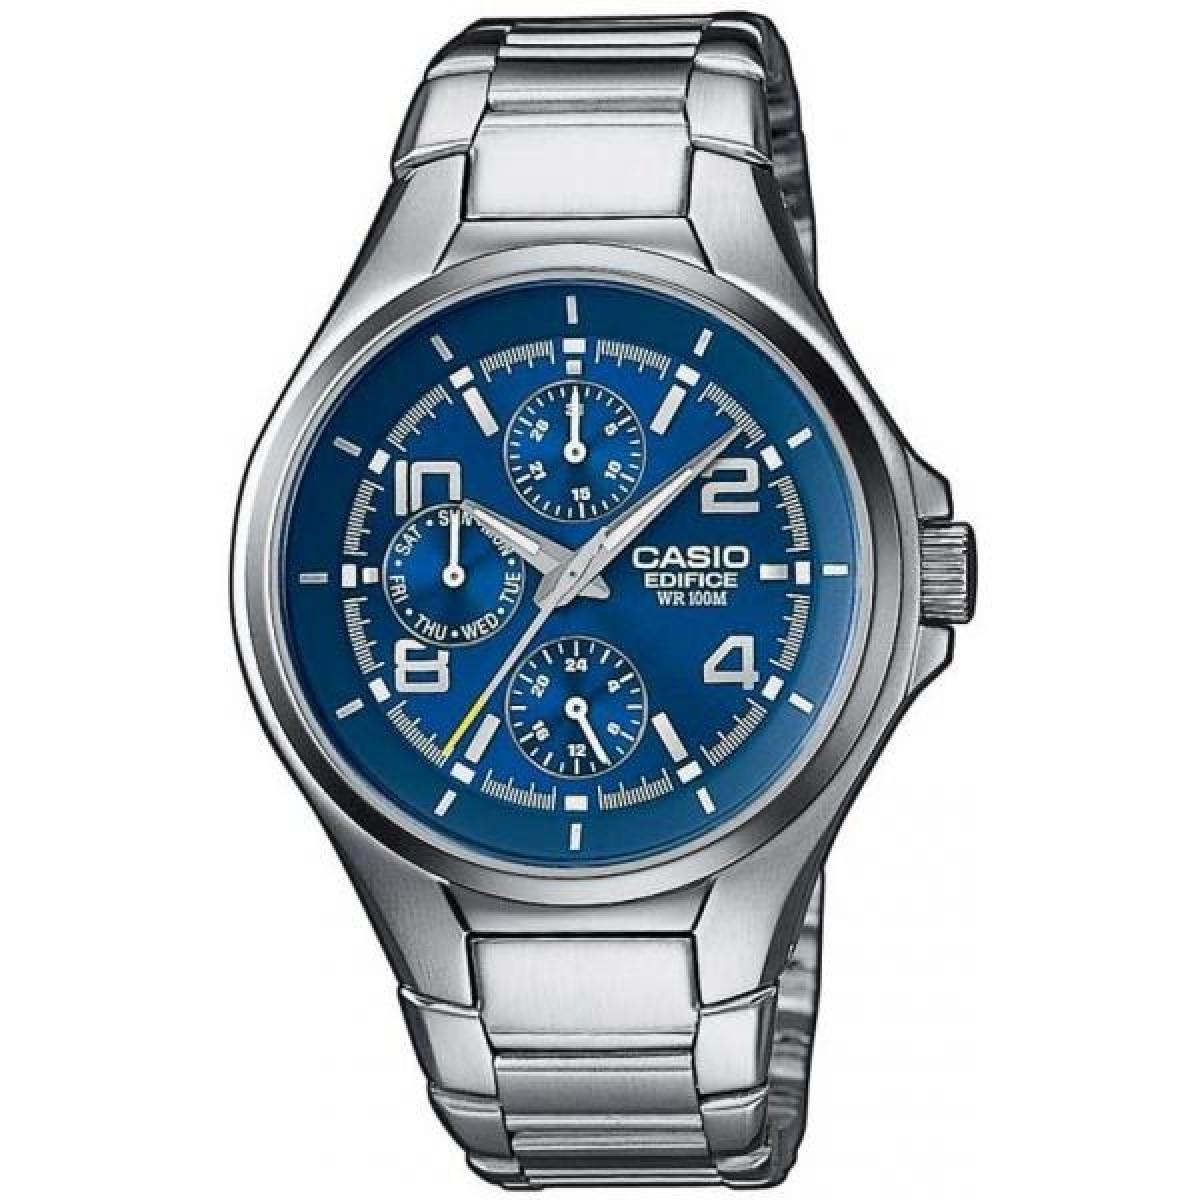 Casio Edifice EF-316D-2A / EF-316D-2AER - мужские наручные часыCasio<br><br><br>Бренд: Casio<br>Модель: Casio EF-316D-2A<br>Артикул: EF-316D-2A<br>Вариант артикула: EF-316D-2AER<br>Коллекция: Edifice<br>Подколлекция: None<br>Страна: Япония<br>Пол: мужские<br>Тип механизма: кварцевые<br>Механизм: None<br>Количество камней: None<br>Автоподзавод: None<br>Источник энергии: от батарейки<br>Срок службы элемента питания: None<br>Дисплей: стрелки<br>Цифры: арабские<br>Водозащита: WR 100<br>Противоударные: None<br>Материал корпуса: нерж. сталь<br>Материал браслета: не указан<br>Материал безеля: None<br>Стекло: минеральное<br>Антибликовое покрытие: None<br>Цвет корпуса: None<br>Цвет браслета: None<br>Цвет циферблата: None<br>Цвет безеля: None<br>Размеры: 40.5x48x9 мм<br>Диаметр: None<br>Диаметр корпуса: None<br>Толщина: None<br>Ширина ремешка: None<br>Вес: None<br>Спорт-функции: None<br>Подсветка: стрелок<br>Вставка: None<br>Отображение даты: число, день недели<br>Хронограф: None<br>Таймер: None<br>Термометр: None<br>Хронометр: None<br>GPS: None<br>Радиосинхронизация: None<br>Барометр: None<br>Скелетон: None<br>Дополнительная информация: суточник<br>Дополнительные функции: None